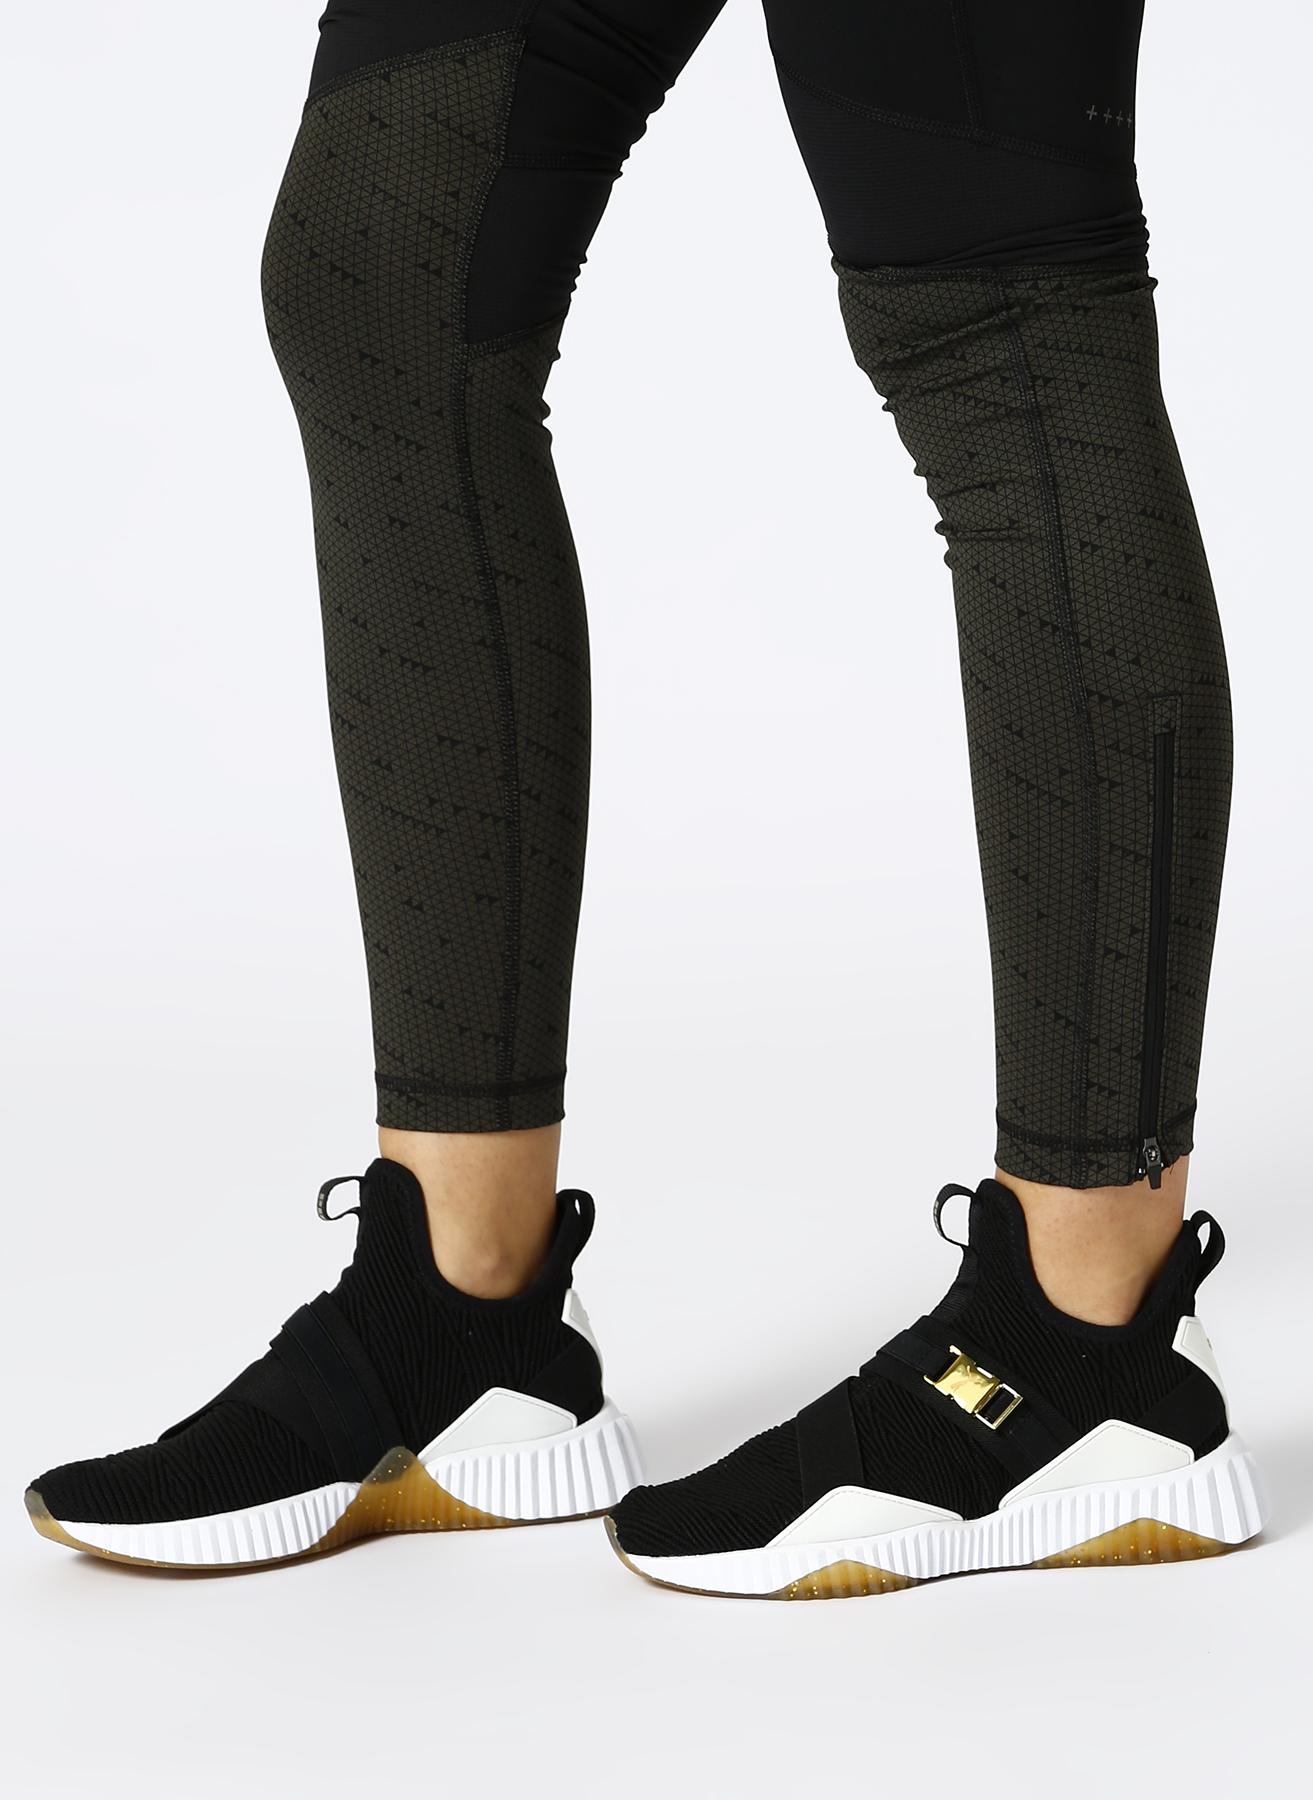 Puma Defy Mid Varsity Wn s Lifestyle Ayakkabı 38 5001632589004 Ürün Resmi